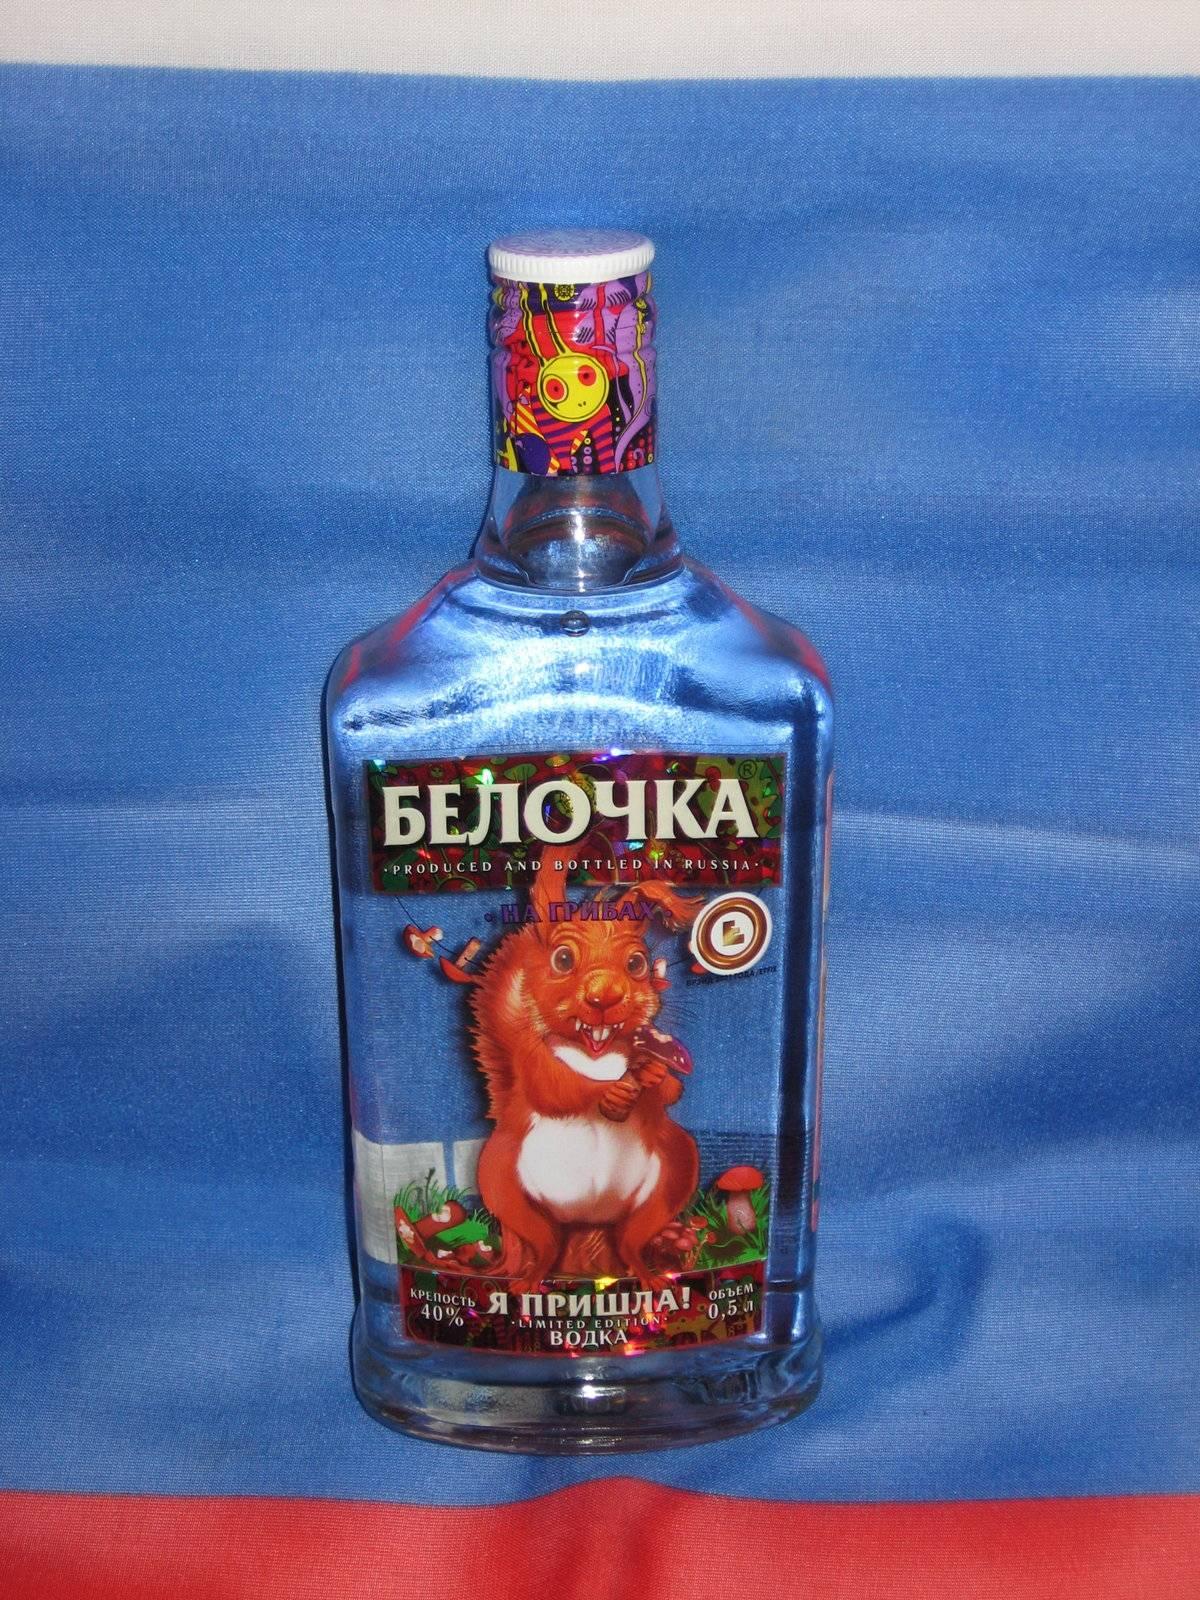 Производитель водки получил разрешение на образ «адской белочки»